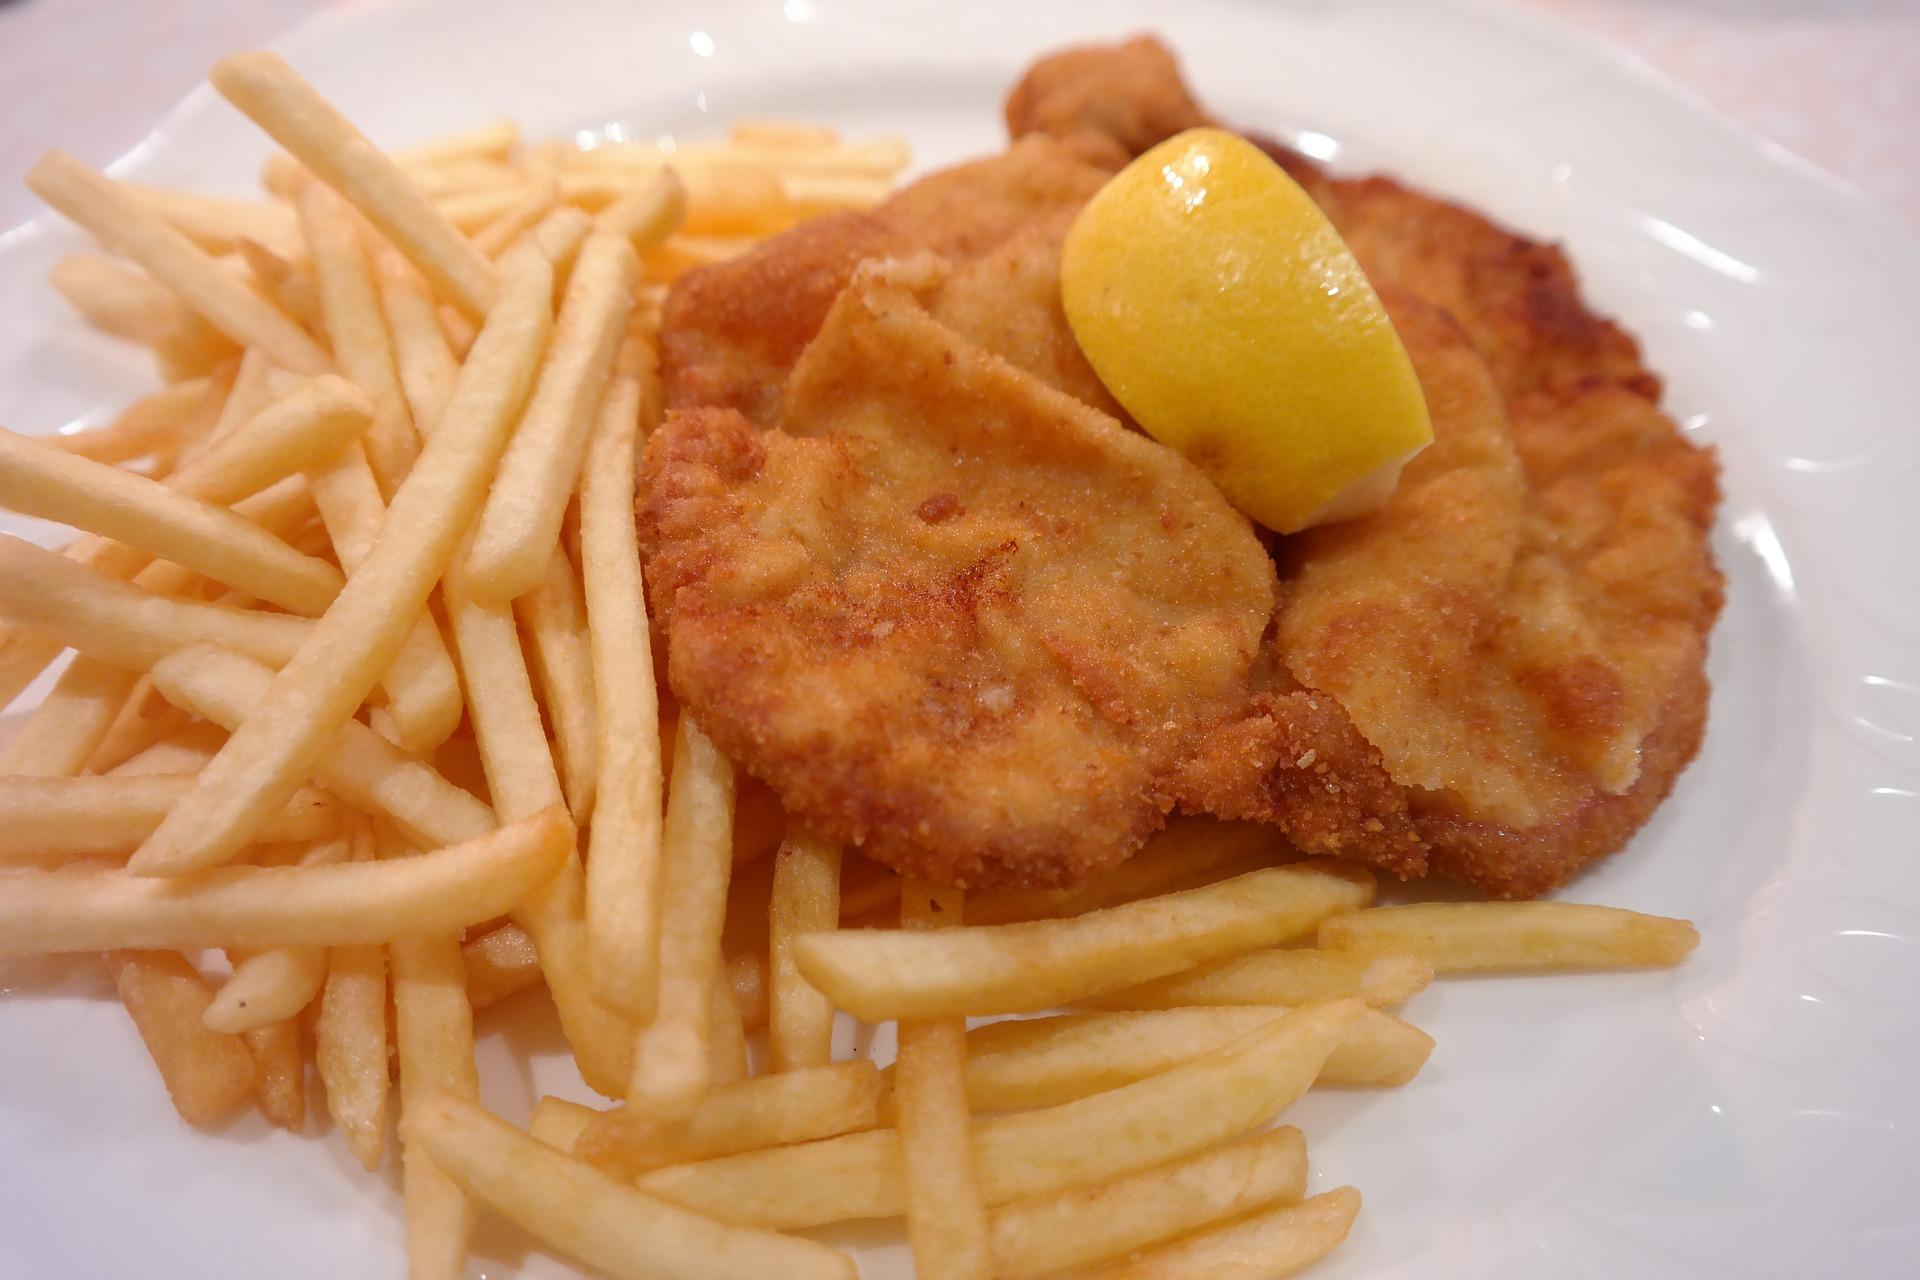 Permalink zu:Wo gibt es die besten Wiener Schnitzel?